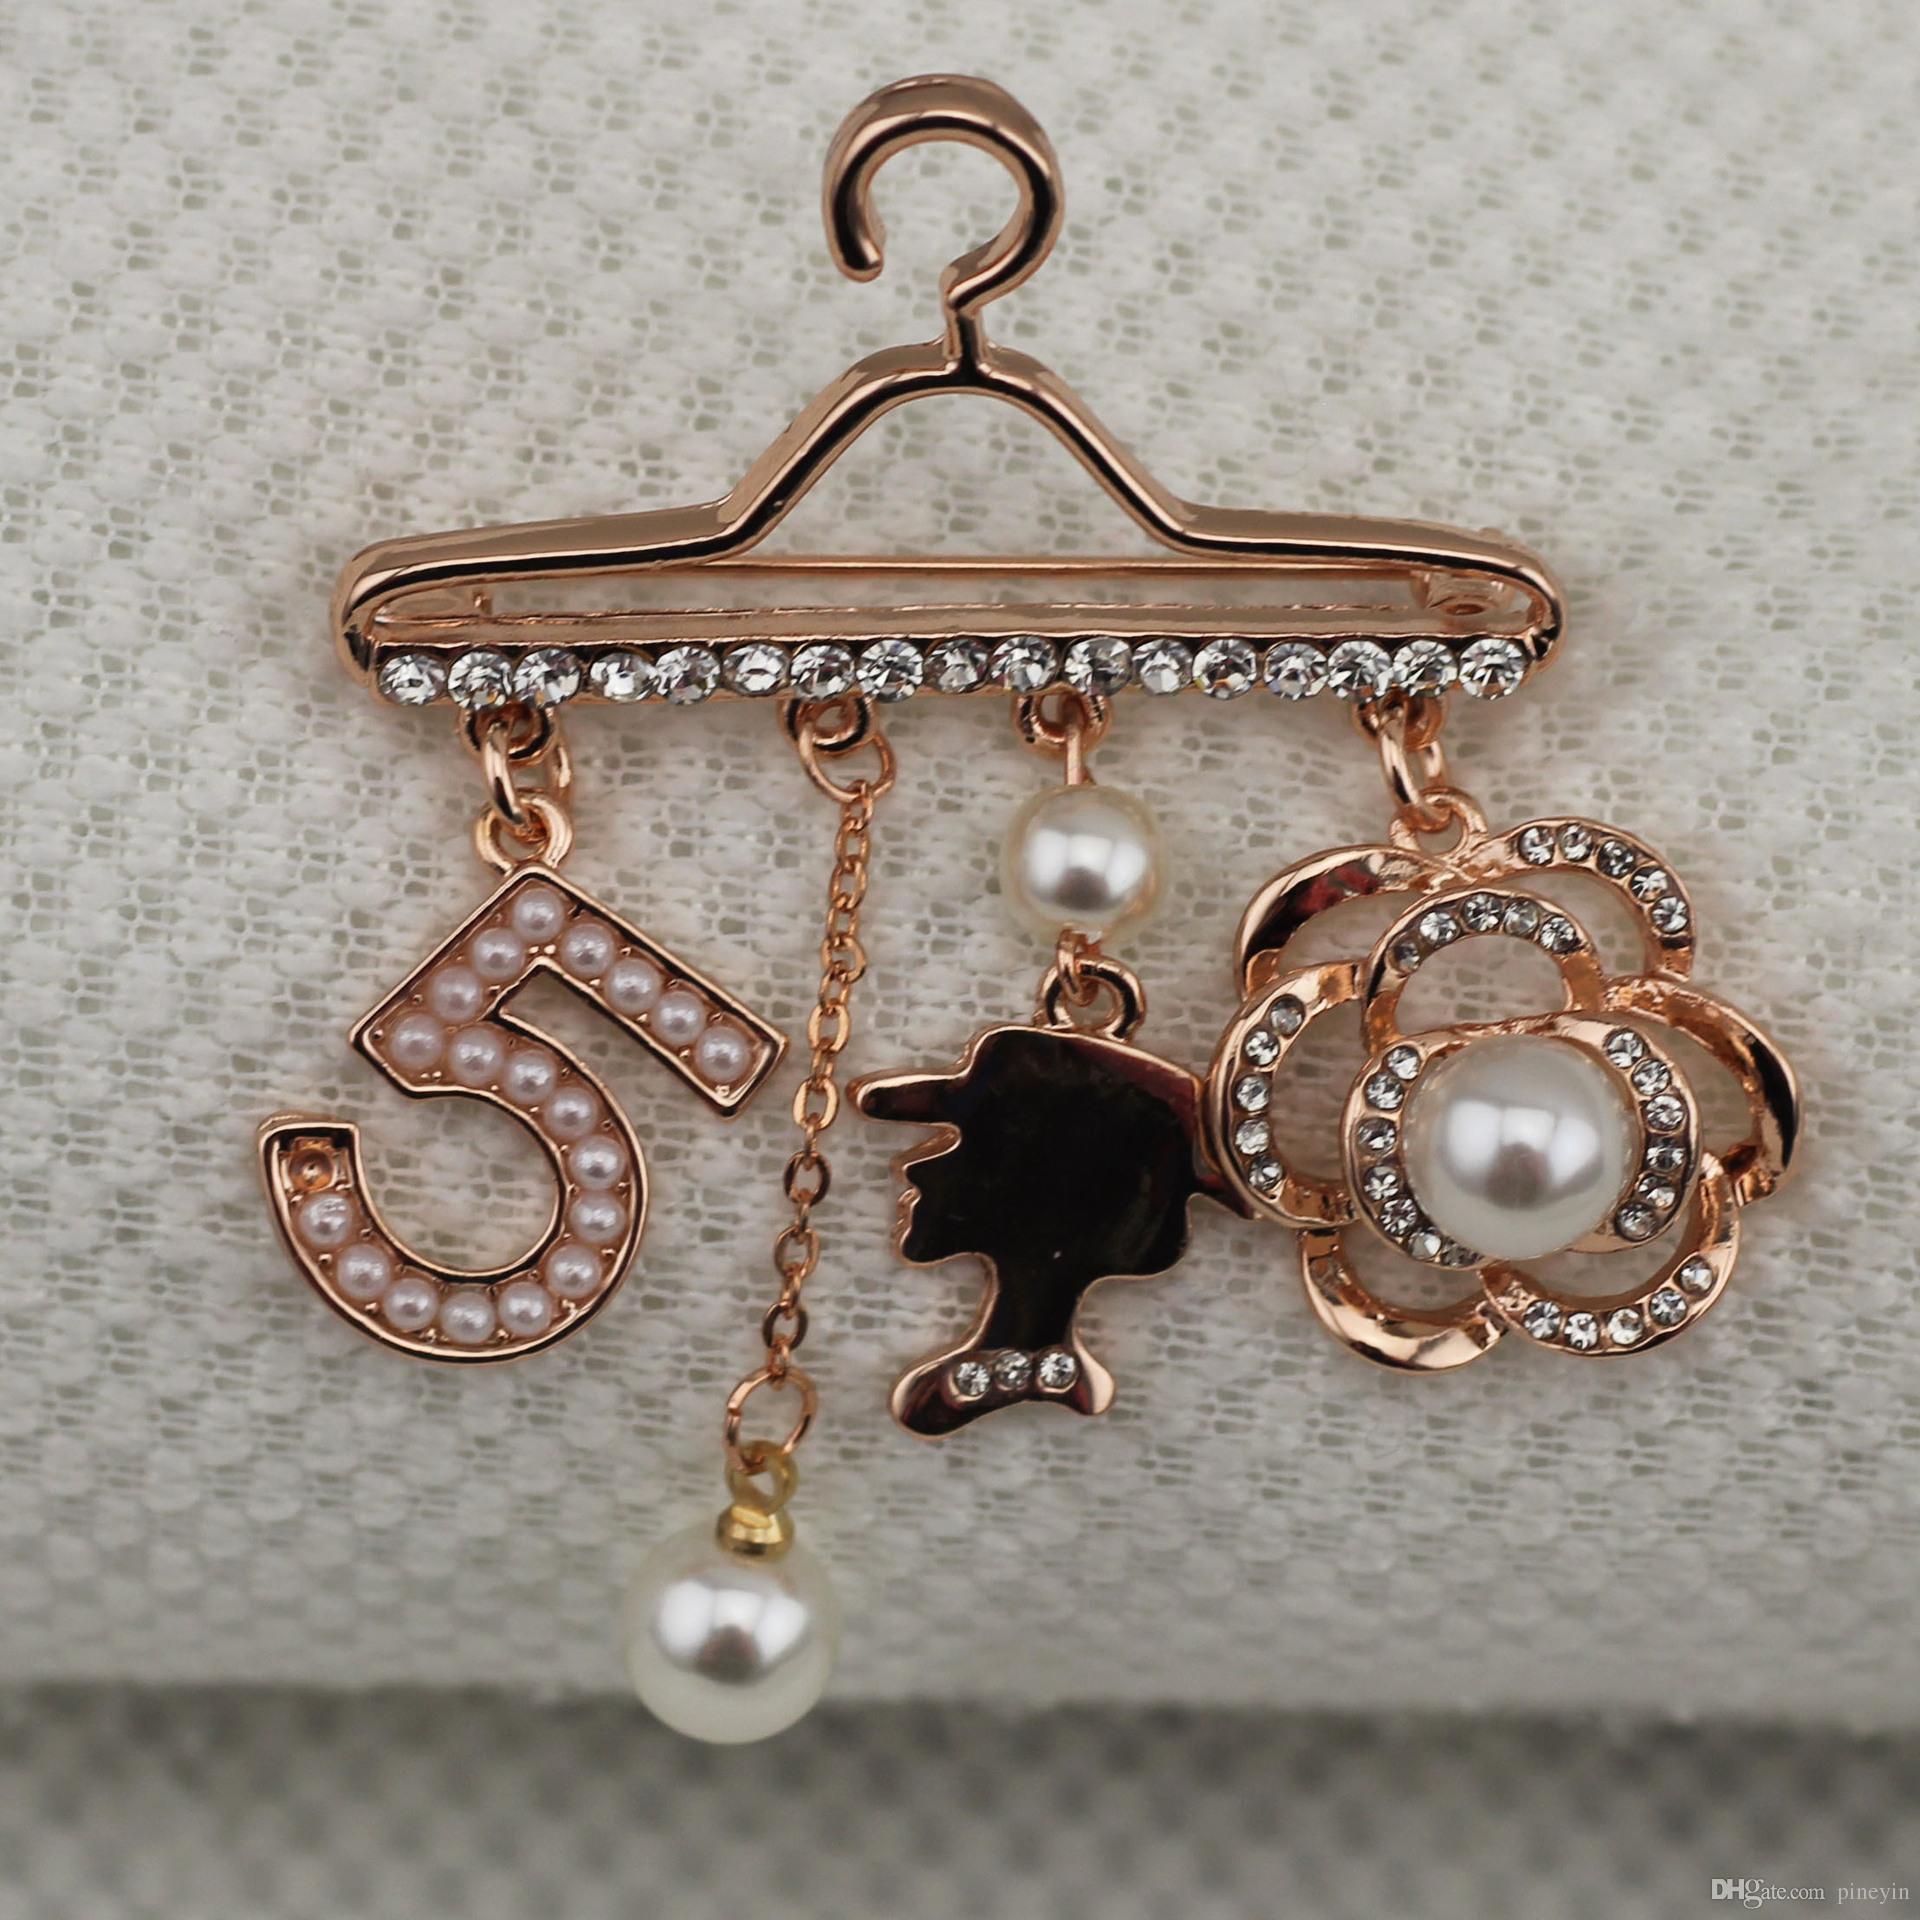 Номер 5 королева портрет жемчужный вешалка Брош булавка, горный хрусталь брошь брош розовые золотые броши для женщин ne740